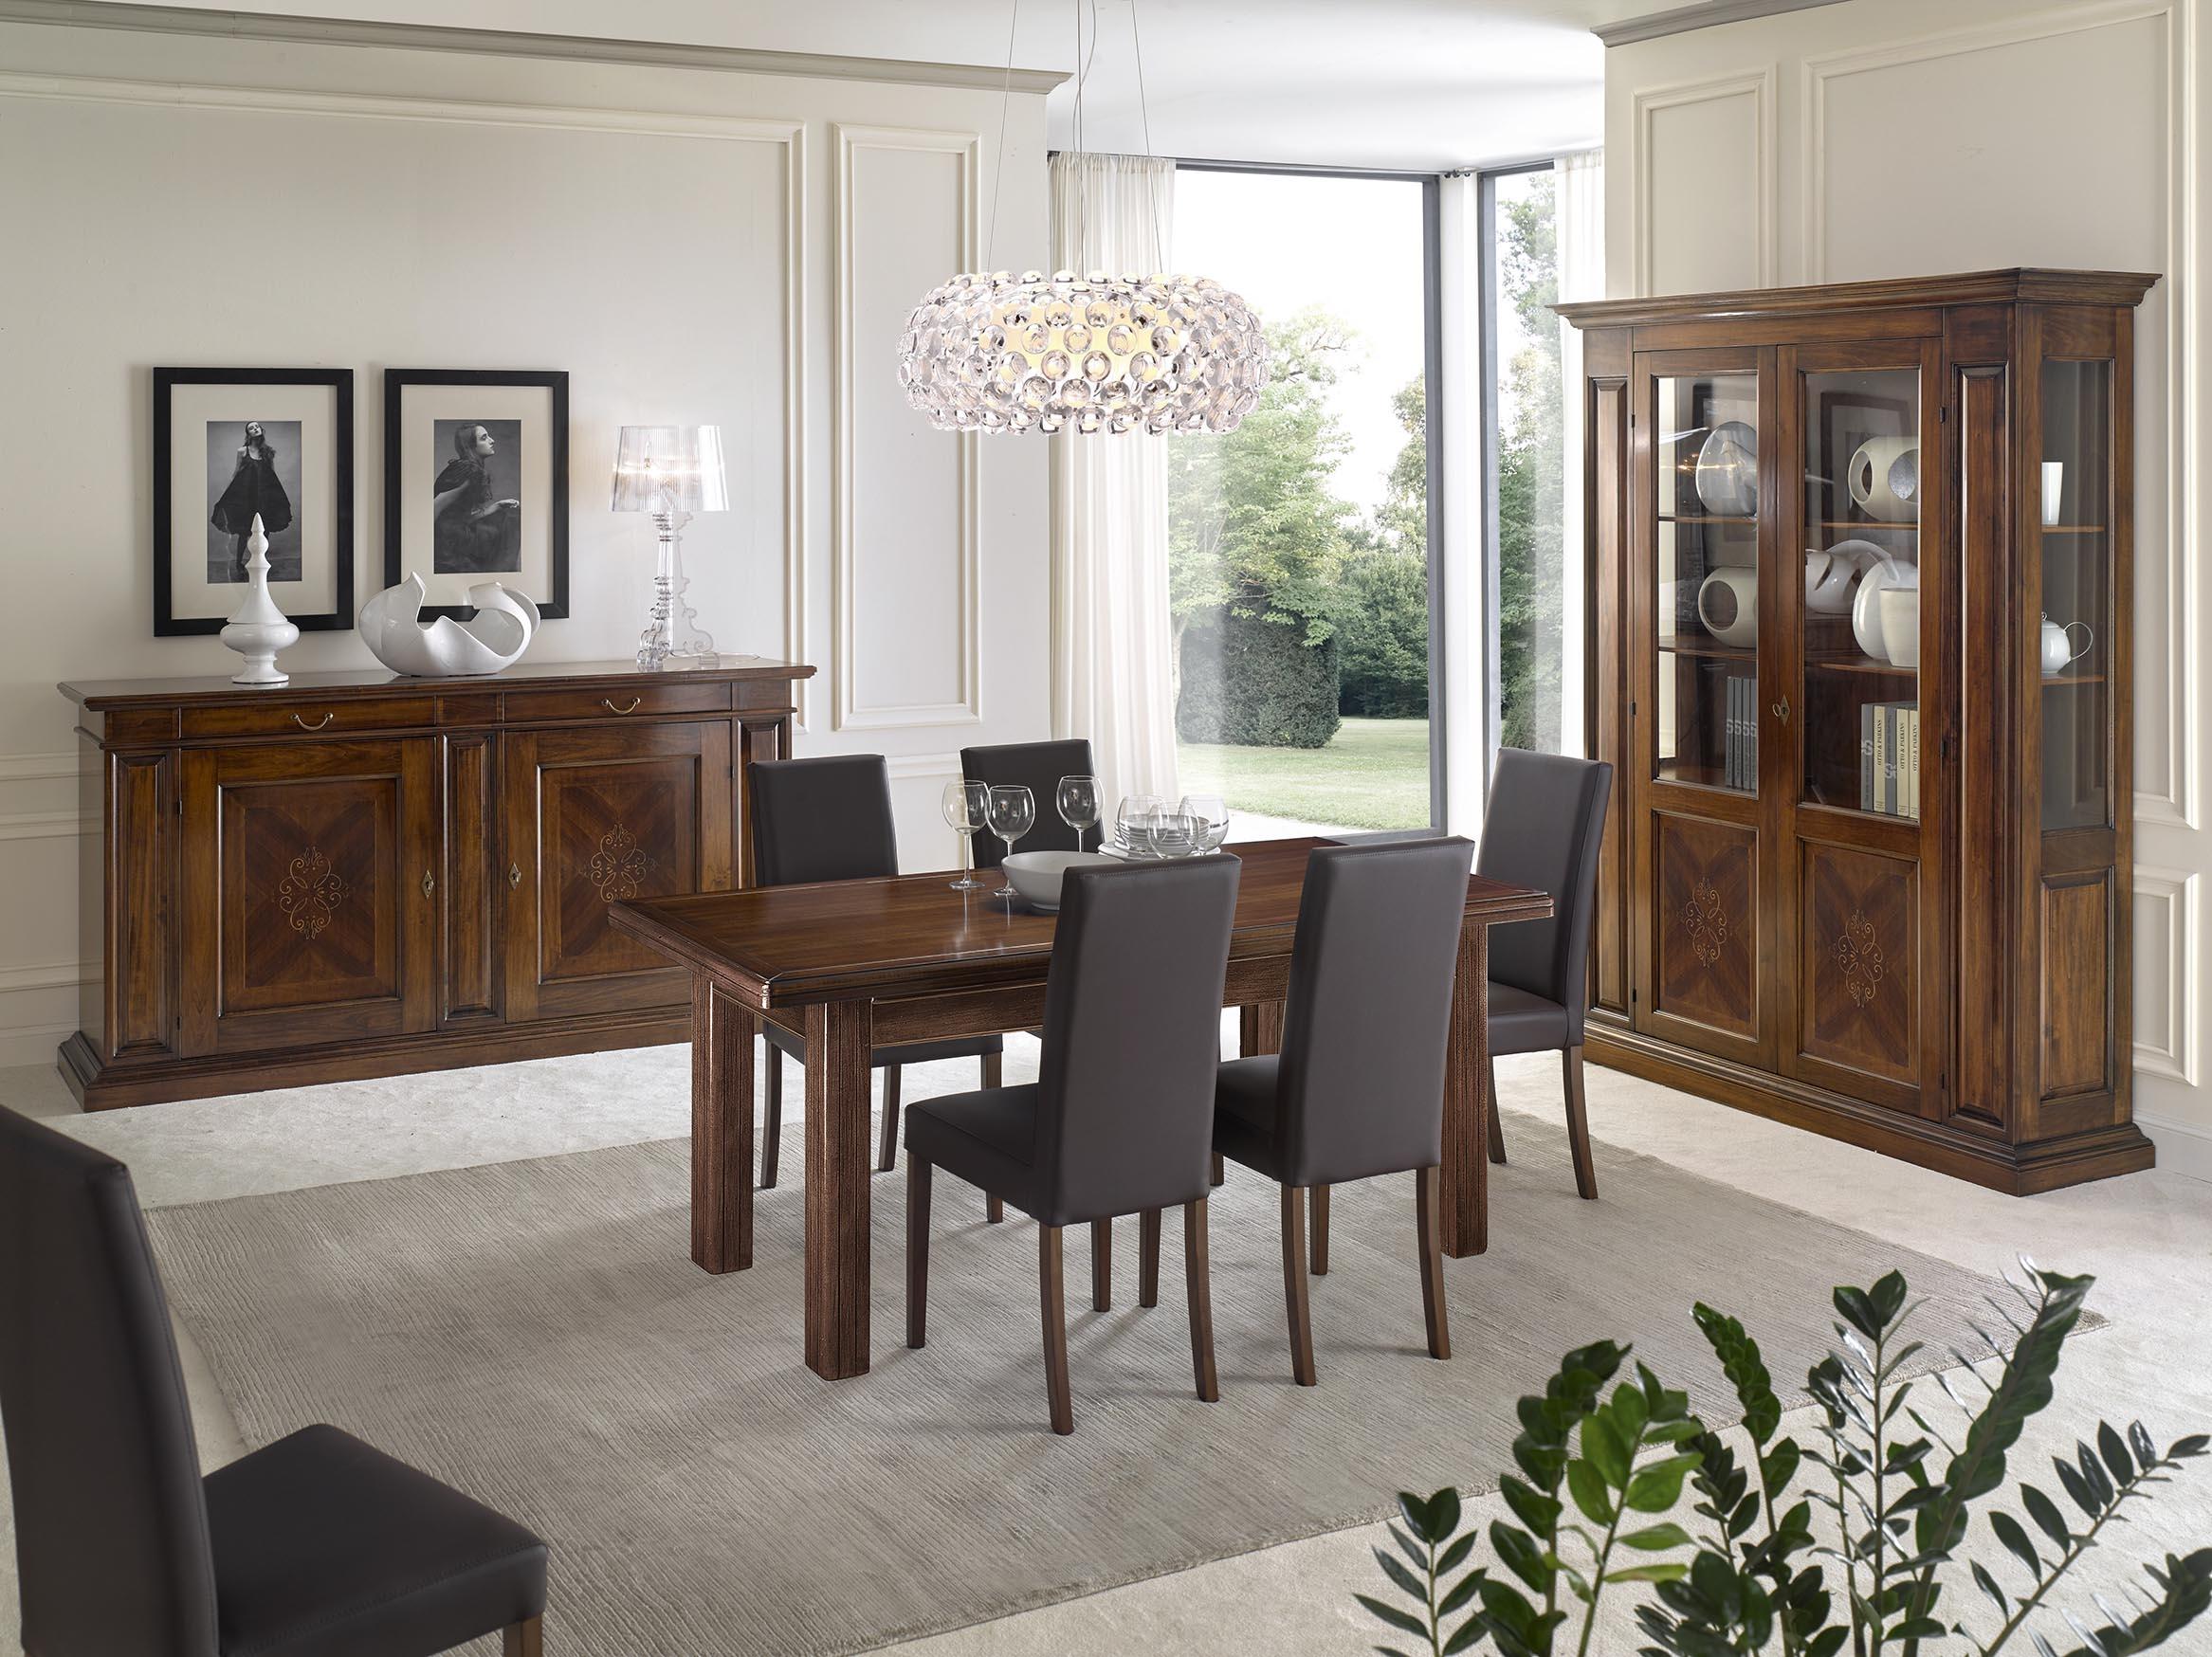 Sala da pranzo completa di tavolo vetrinetta e credenza - Quadri per sala da pranzo ...